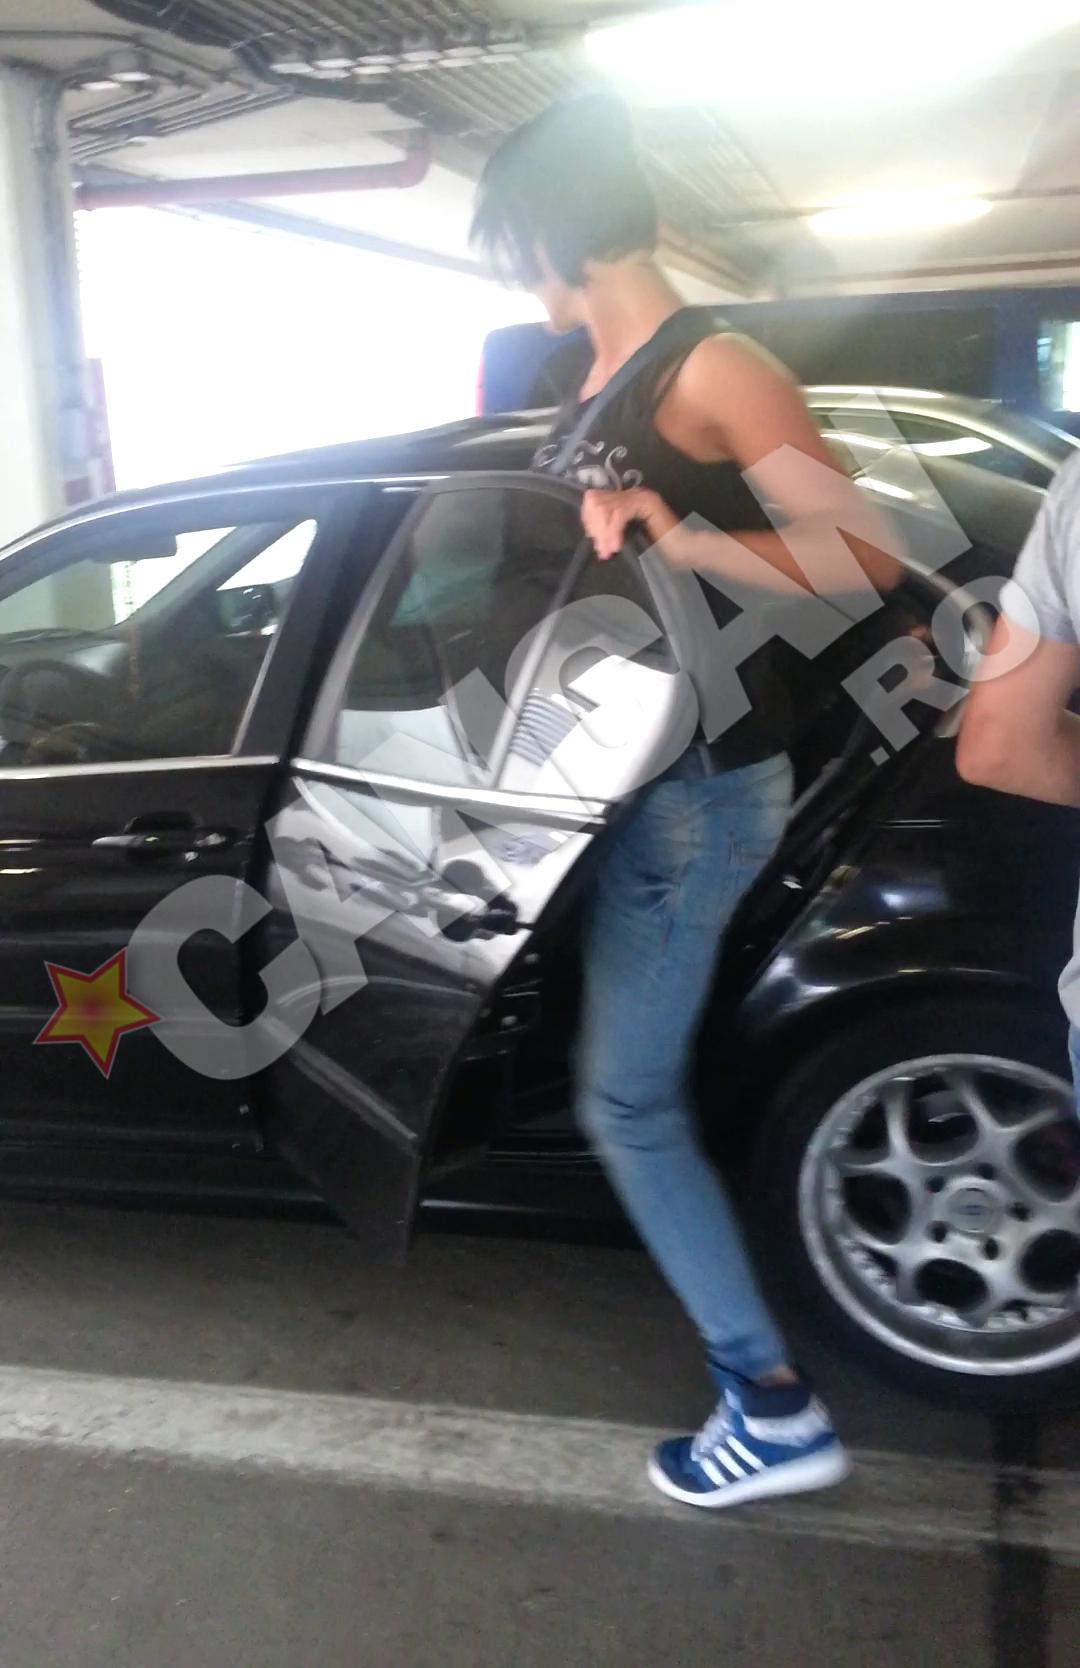 Luminita Perijoc urca in masina, nu inainte de a fi agresiva cu paparazzii CANCAN